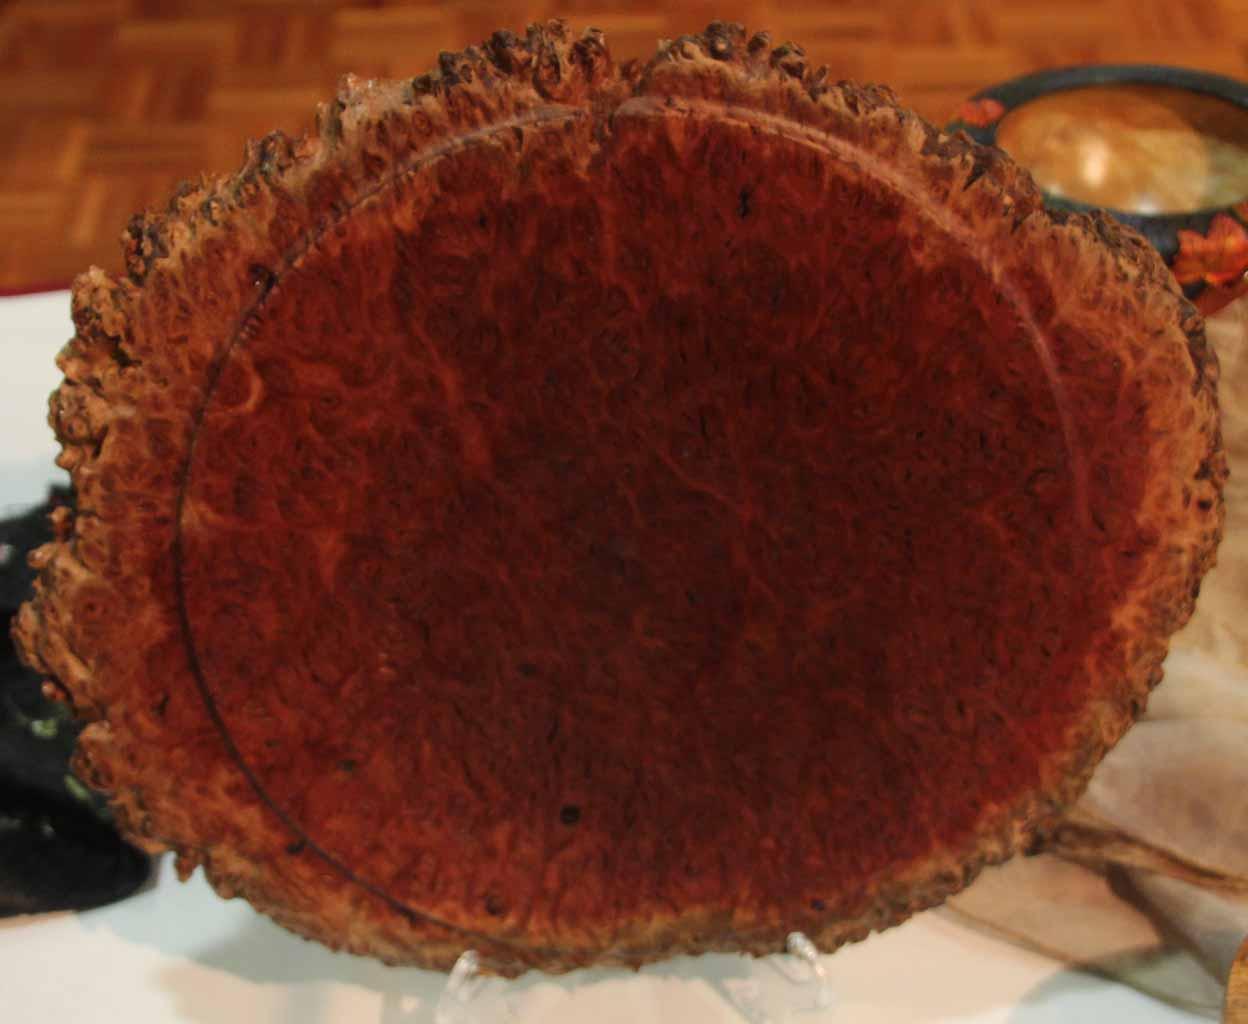 Rick Hillier Red Gum Burl platter, Danish oil